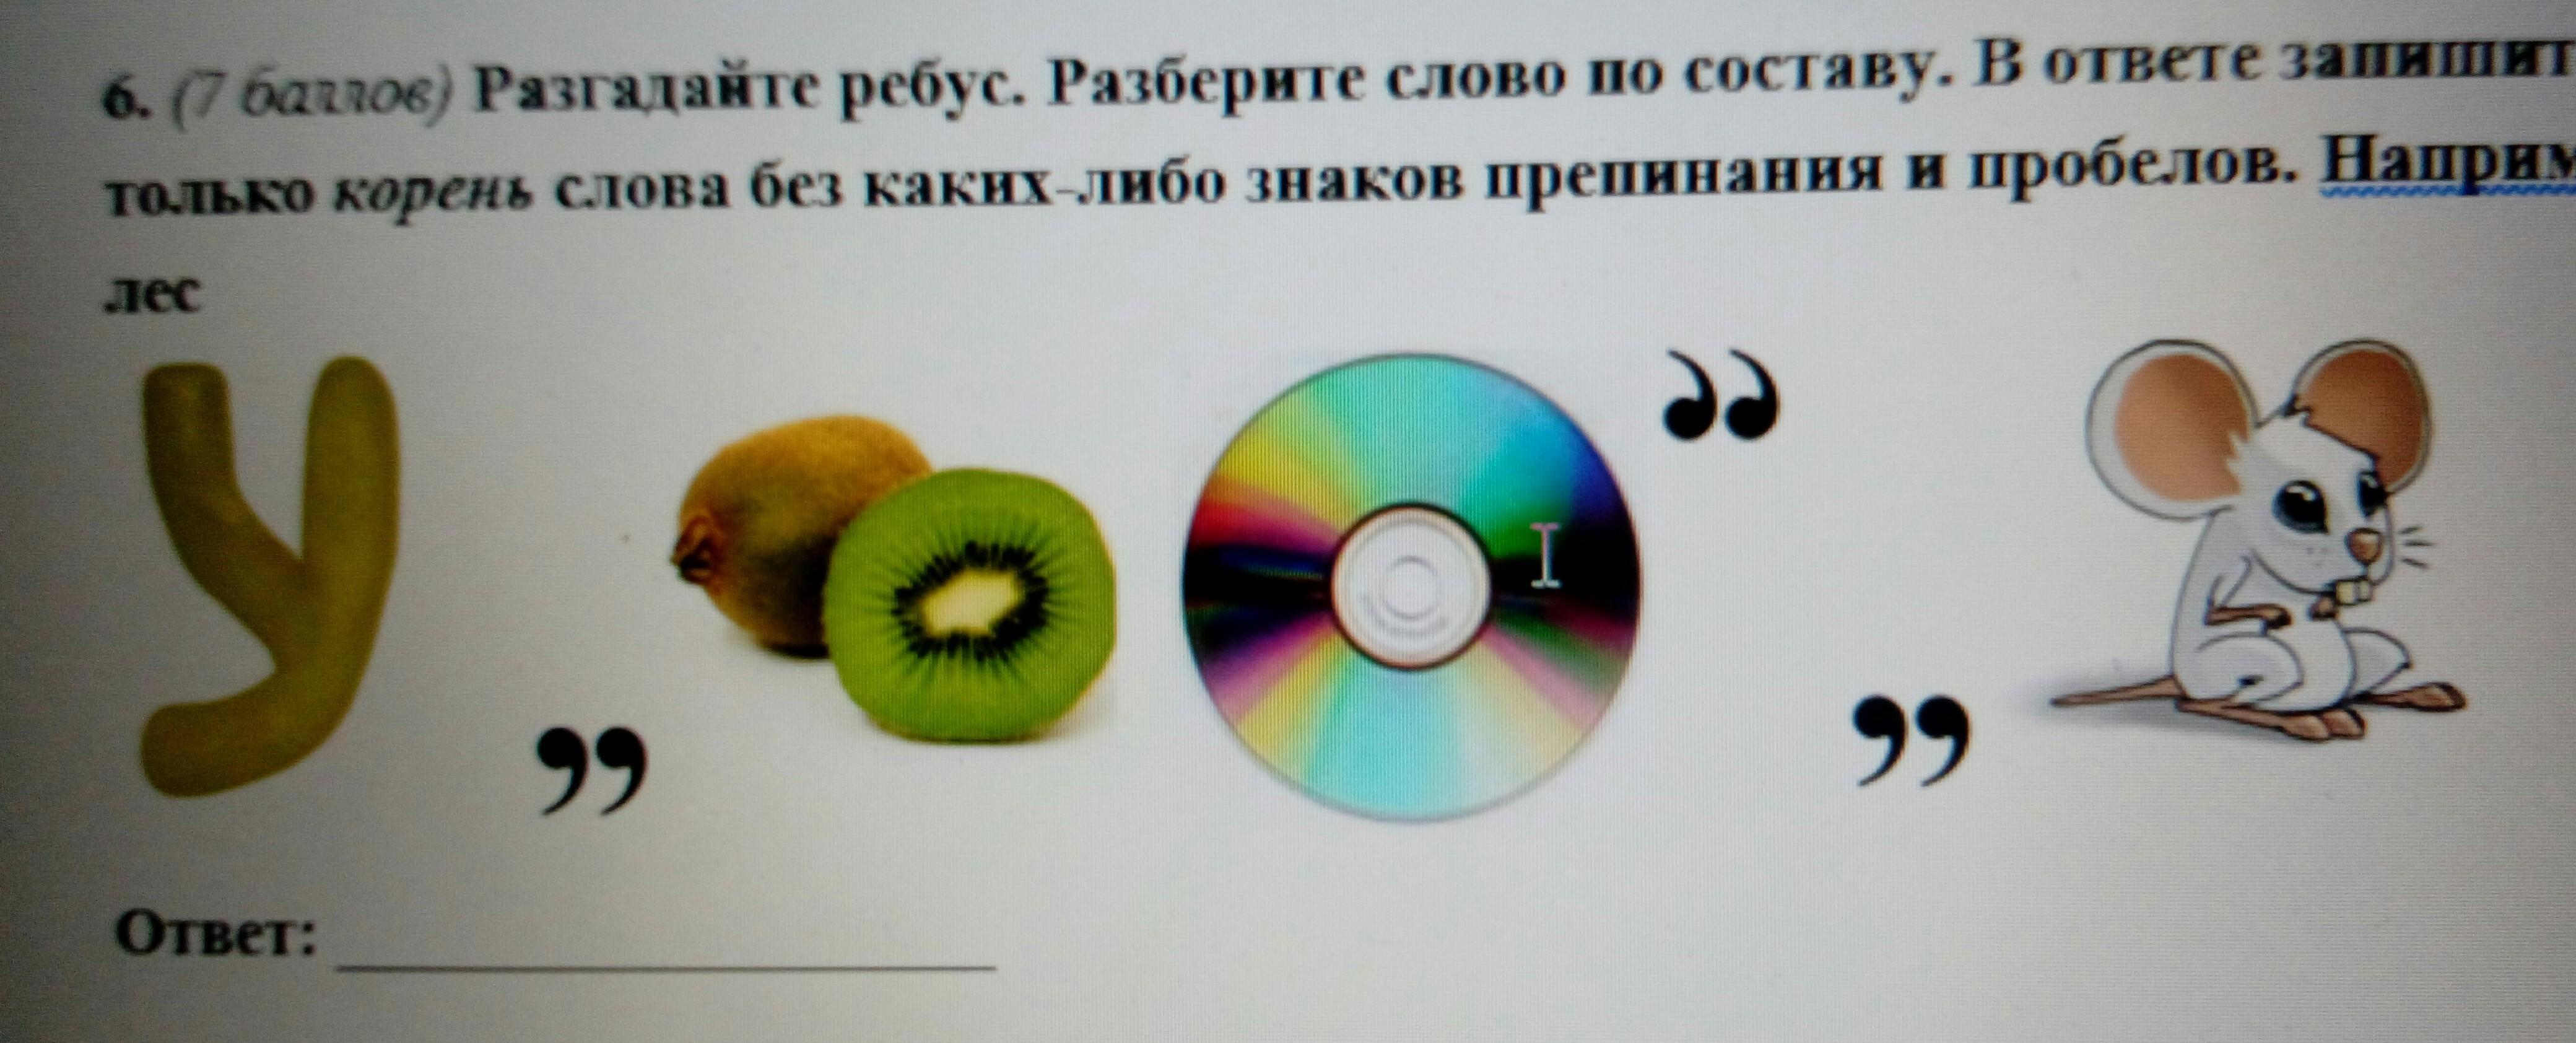 Помогите решить ребус по русскому